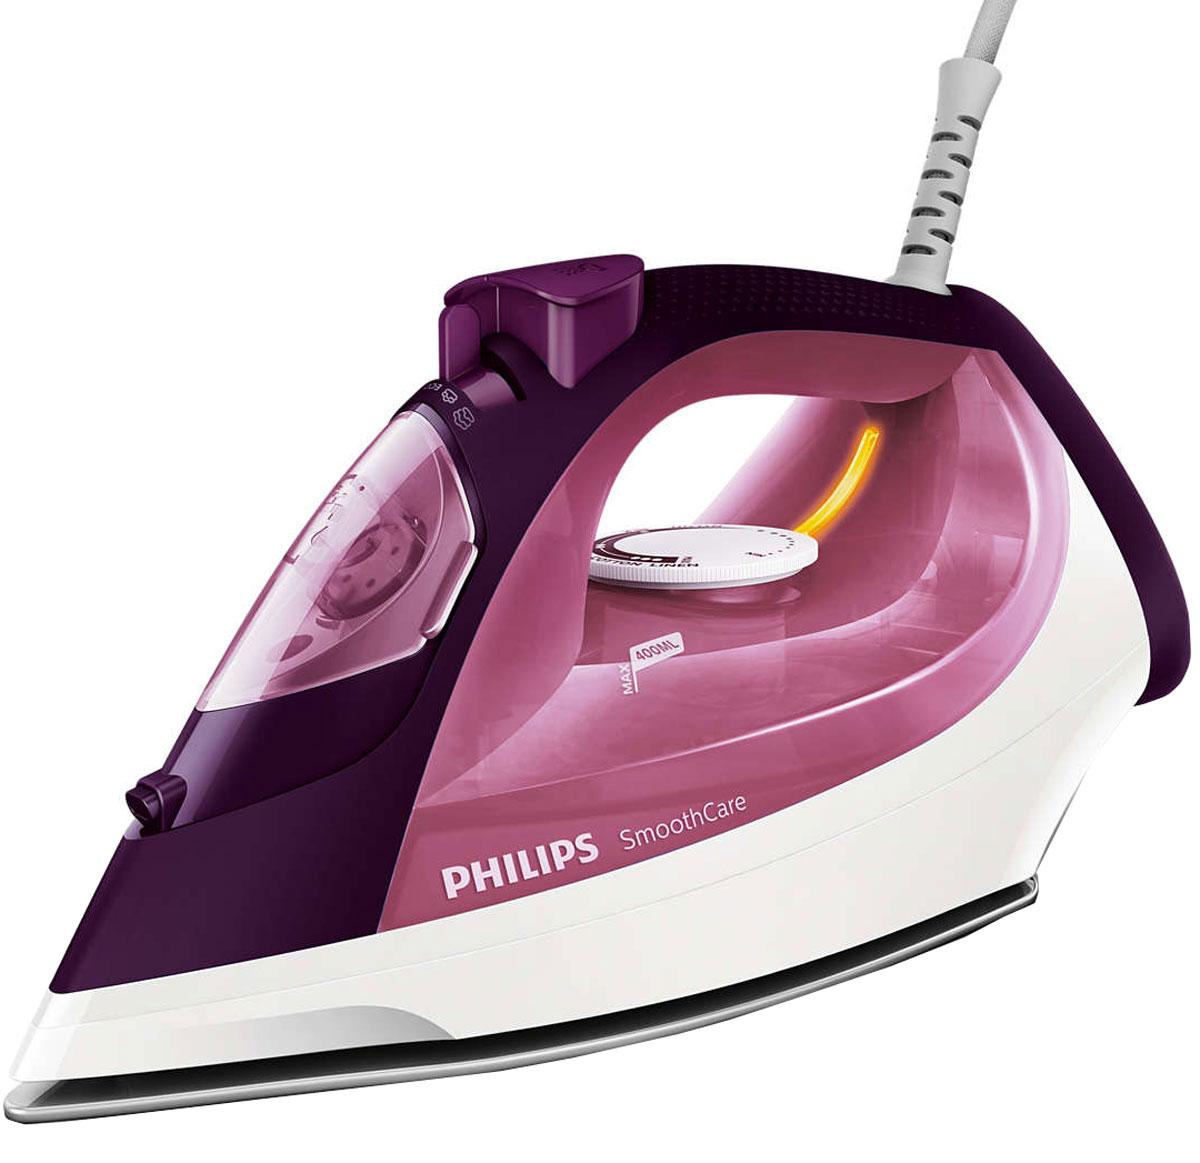 Philips GC3581/30 утюгGC3581/30Паровой утюг Philips GC3581/30 оснащен одним из самых больших резервуаров для воды. Гладьте дольше без долива! Мощный пар позволяет без труда разглаживать даже самые глубокие складки. Утюг Philips GC3581/30 оснащен системой капля-стоп, поэтому вы сможете гладить даже деликатные ткани при низкой температуре, не беспокоясь о появлении пятен воды на одежды. Функция очистки от накипи Calc Clean очищает утюг Philips GC3581/30 от известкового налета, продлевая срок службы утюга. Паровой утюг Philips GC3581/30 обеспечивает постоянную подачу пара до 40 г/мин, обеспечивая оптимальное количество пара для разглаживания складок. Удобное глаженье без частого долива воды. Большой резервуар для воды 400 мл обеспечивает более долгое глаженье и не требует частого наполнения. Простое управление за счет больших кнопок и удобного парорегулятора. Функцию парового удара можно использовать для вертикального отпаривания и устранения жестких...